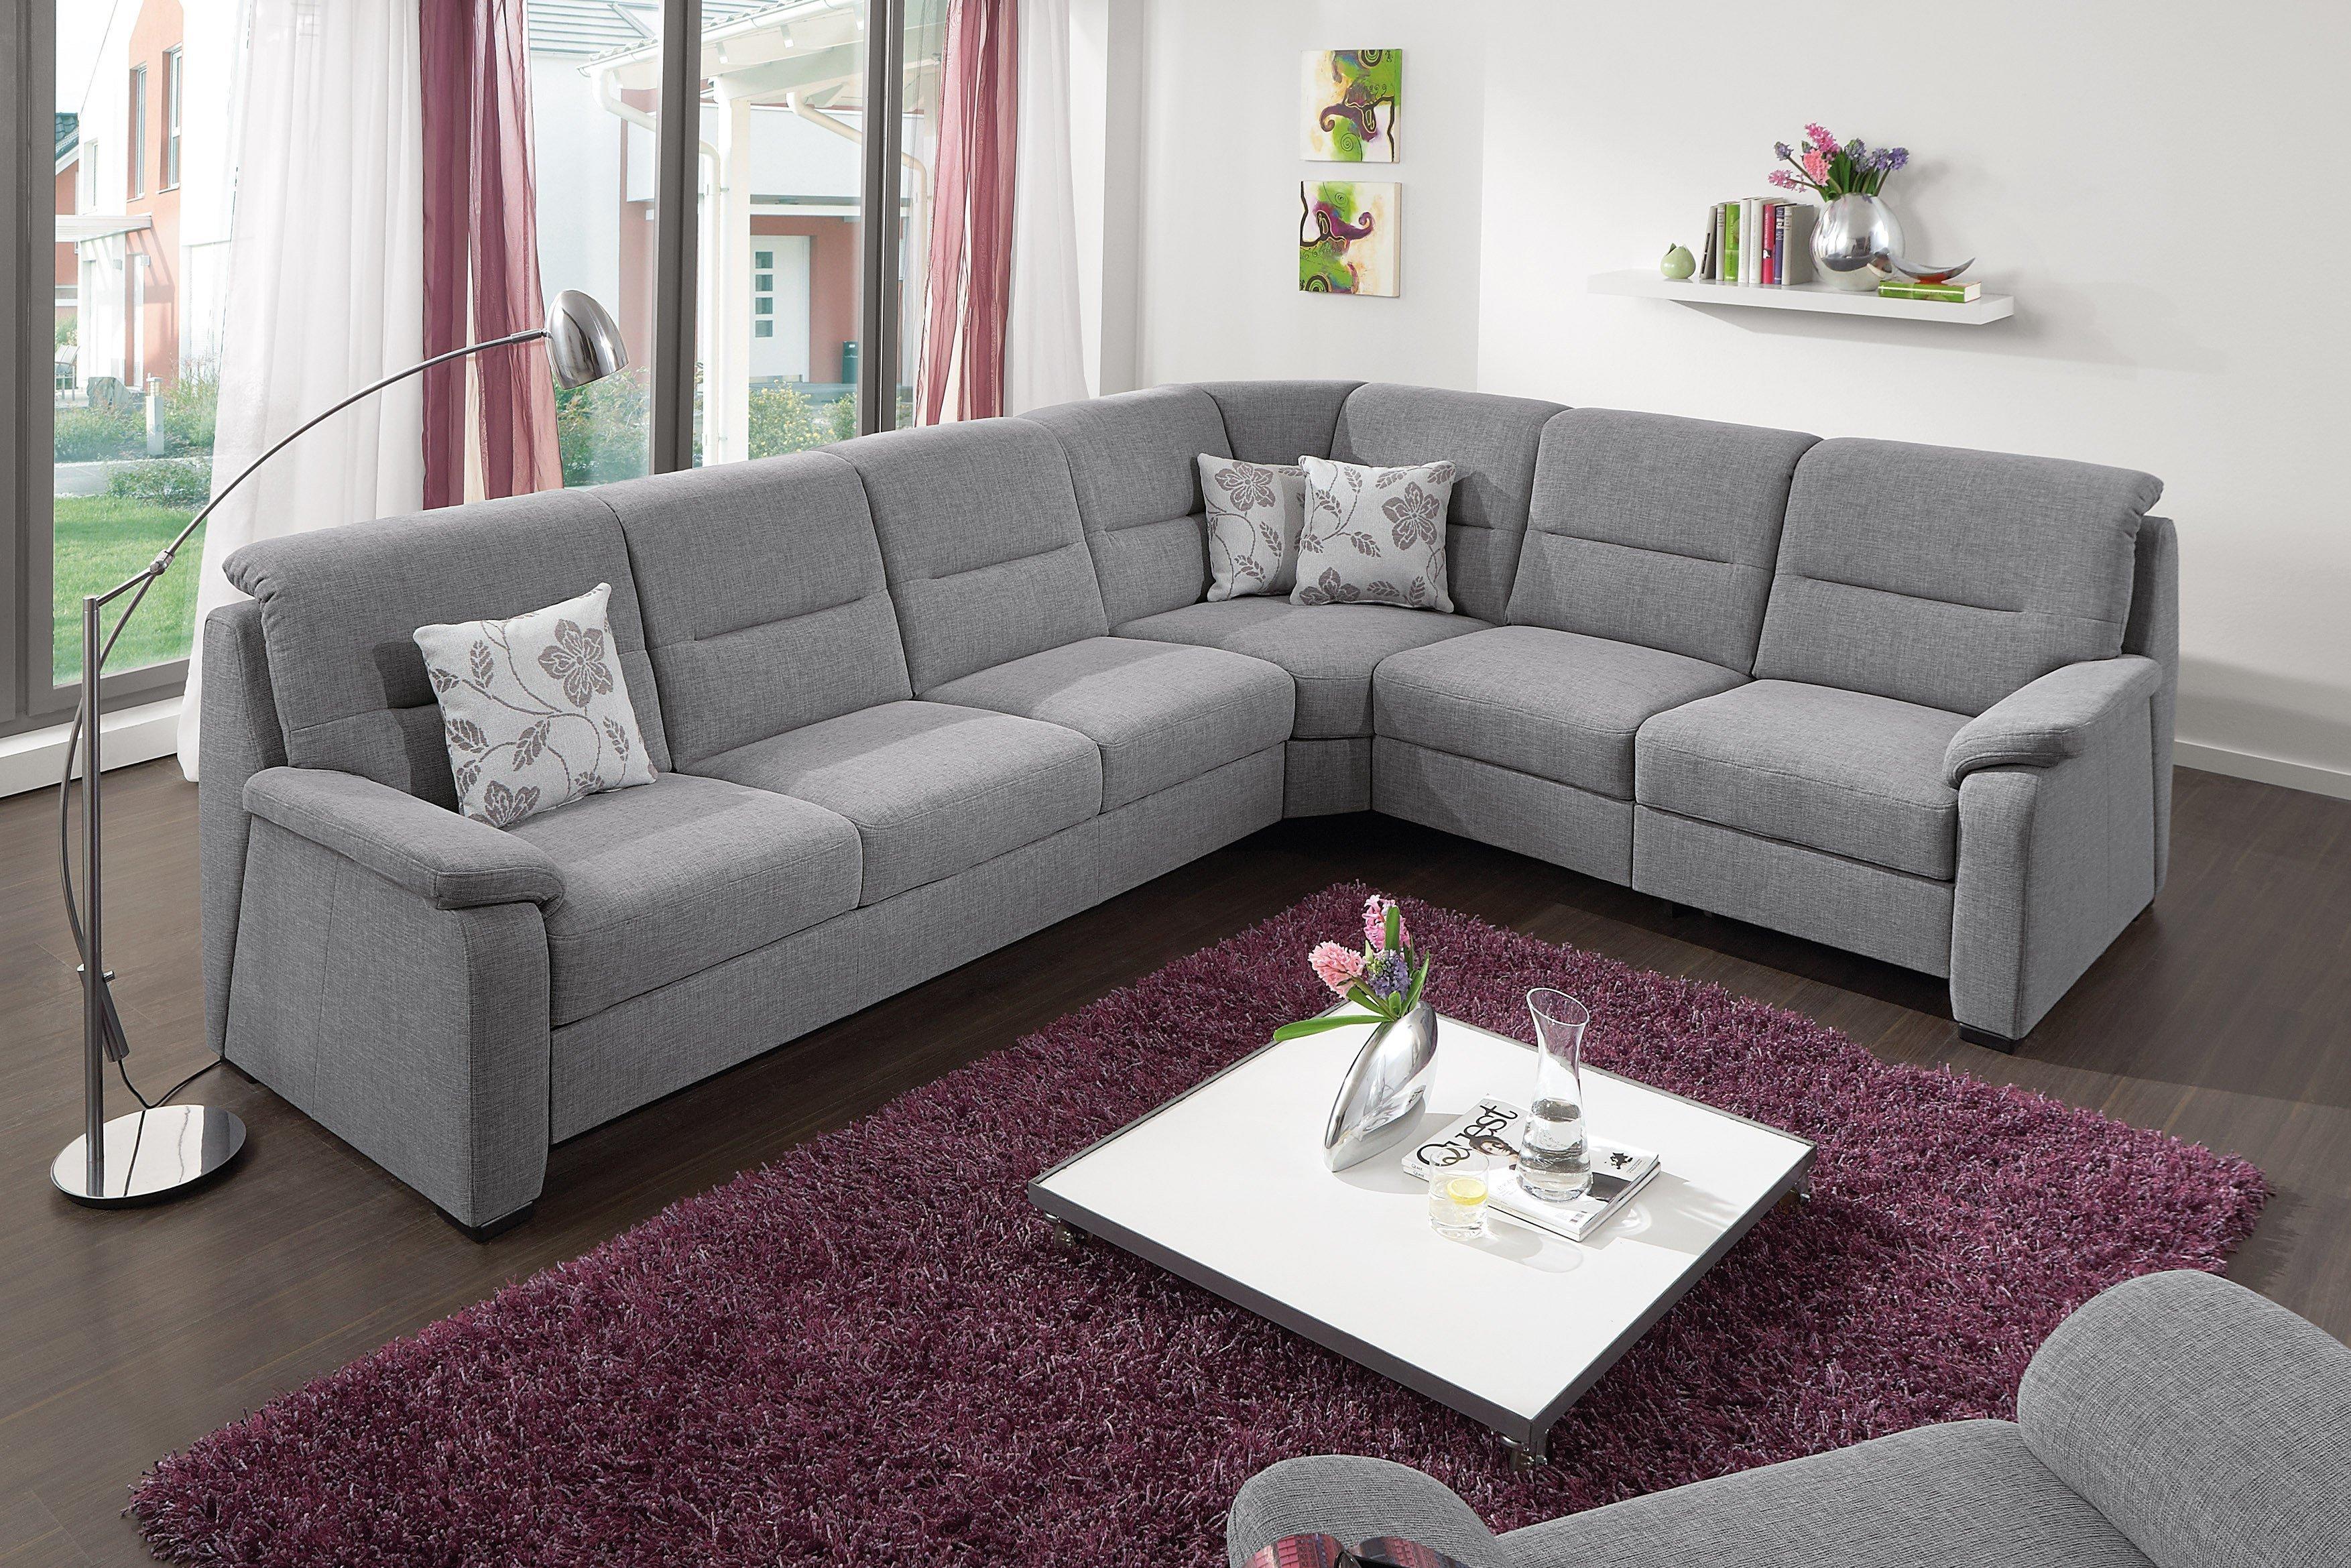 polipol polsterm bel eckcouch monroe grau m bel letz. Black Bedroom Furniture Sets. Home Design Ideas